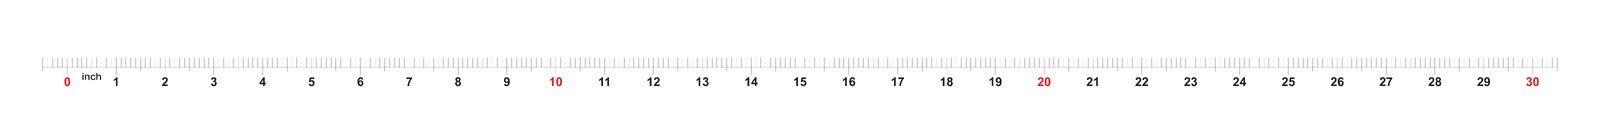 ruban m?trique de r?gle de 30 pouces avec 0 inscriptions de 1 pouce Grille m?trique